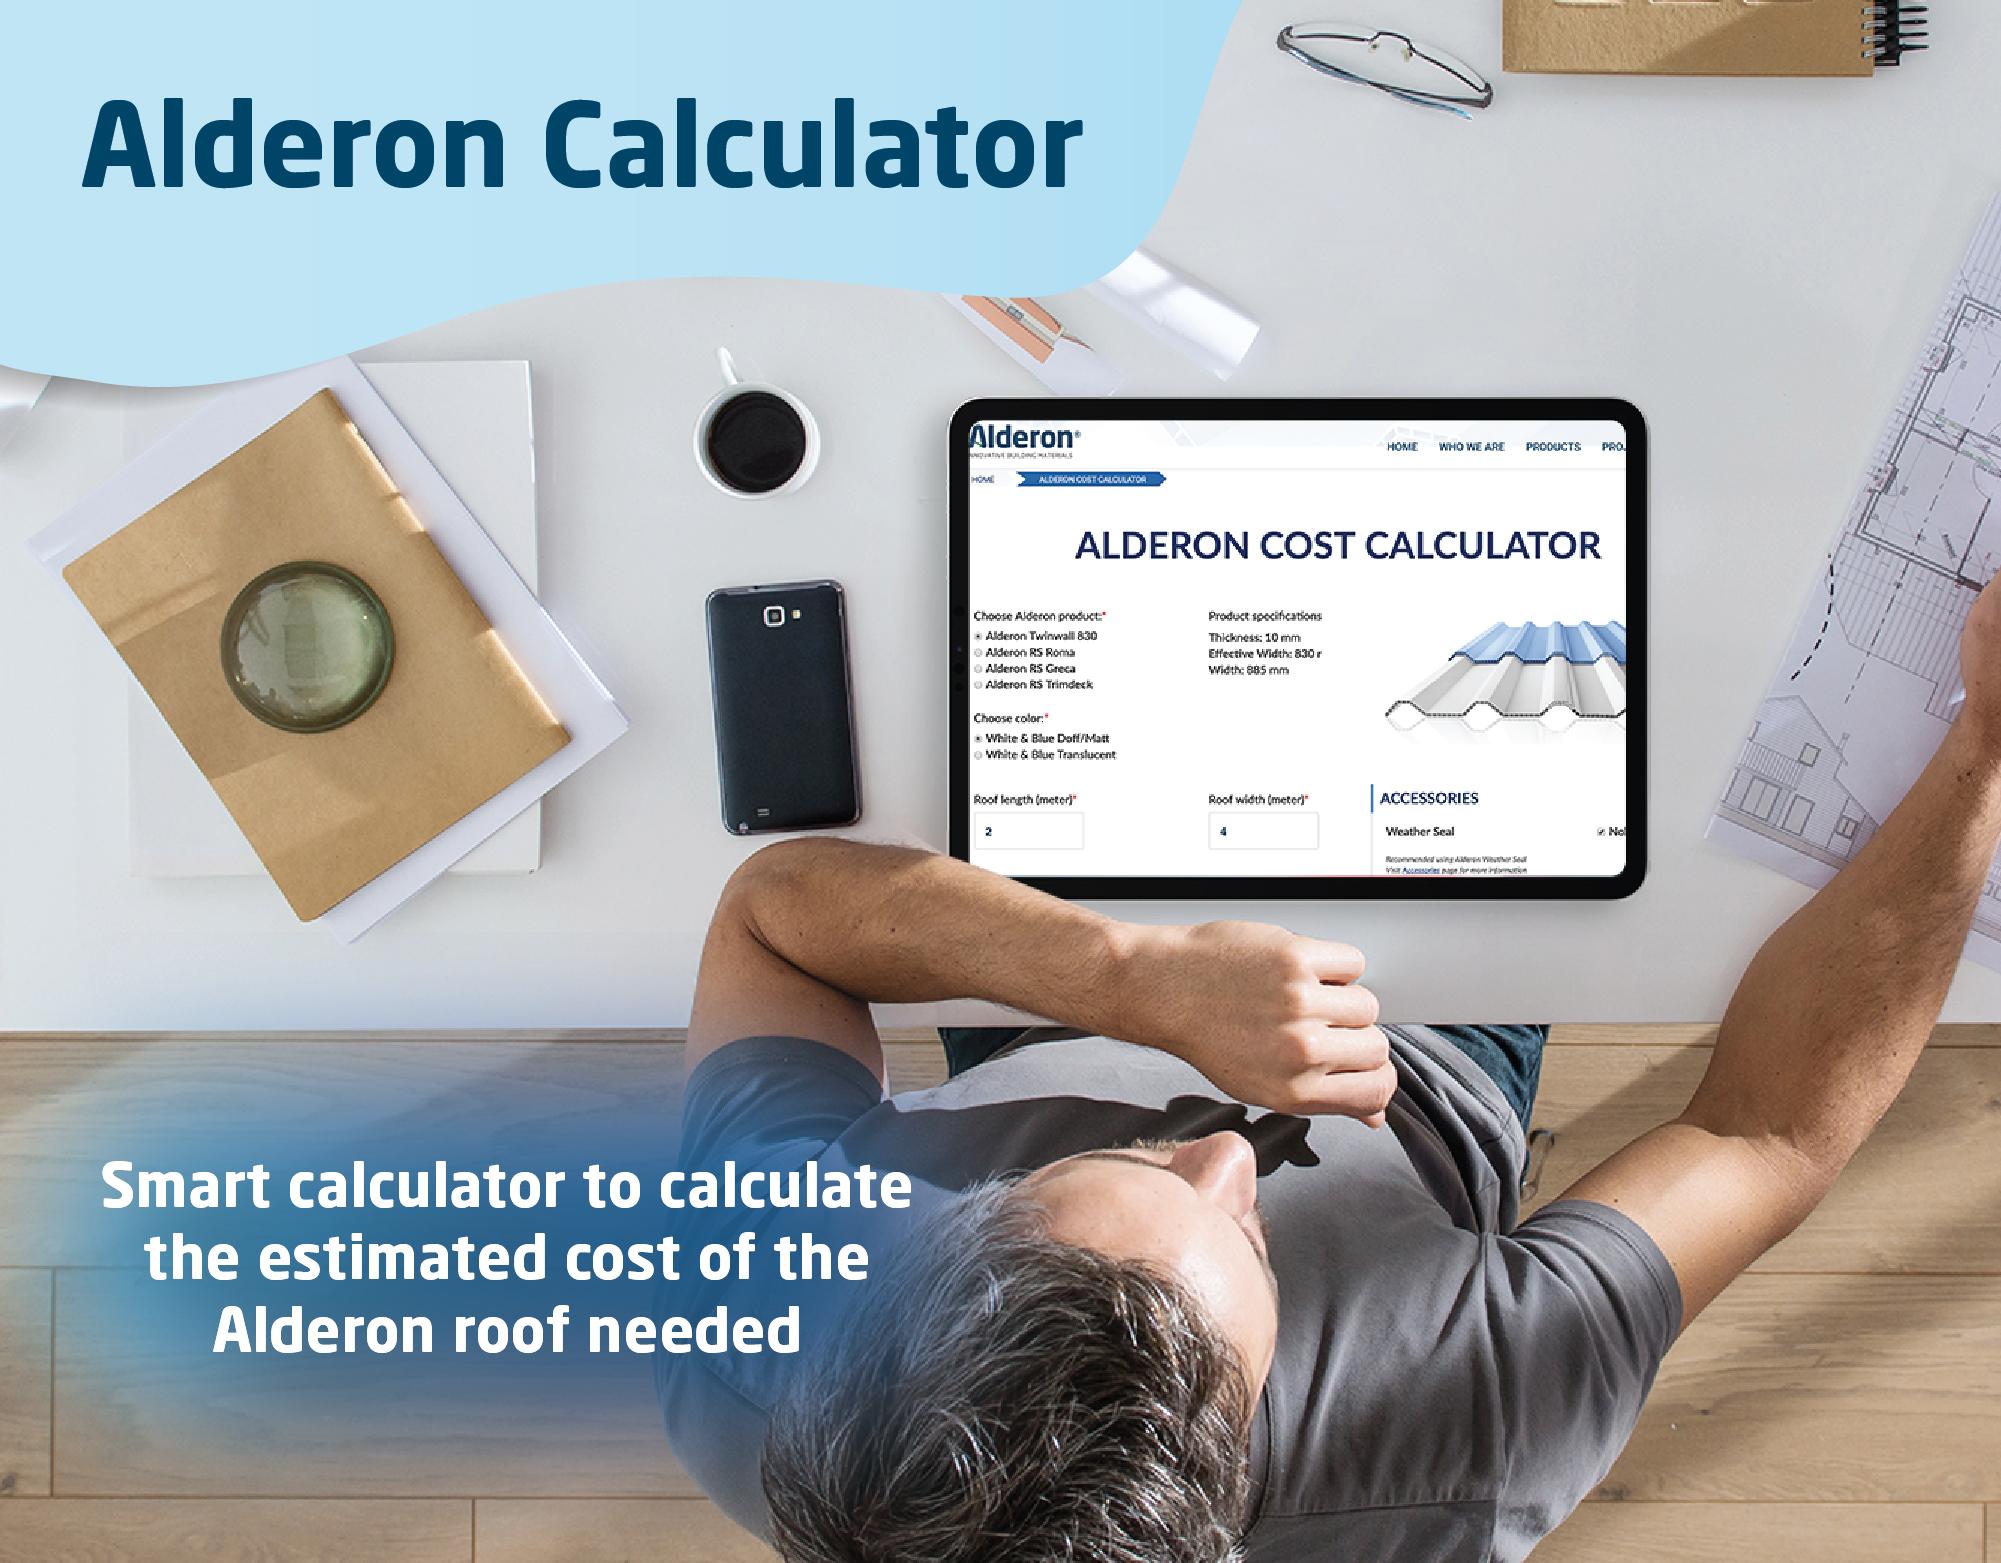 kalkulator alderon menghitung harga kebutuhan atap